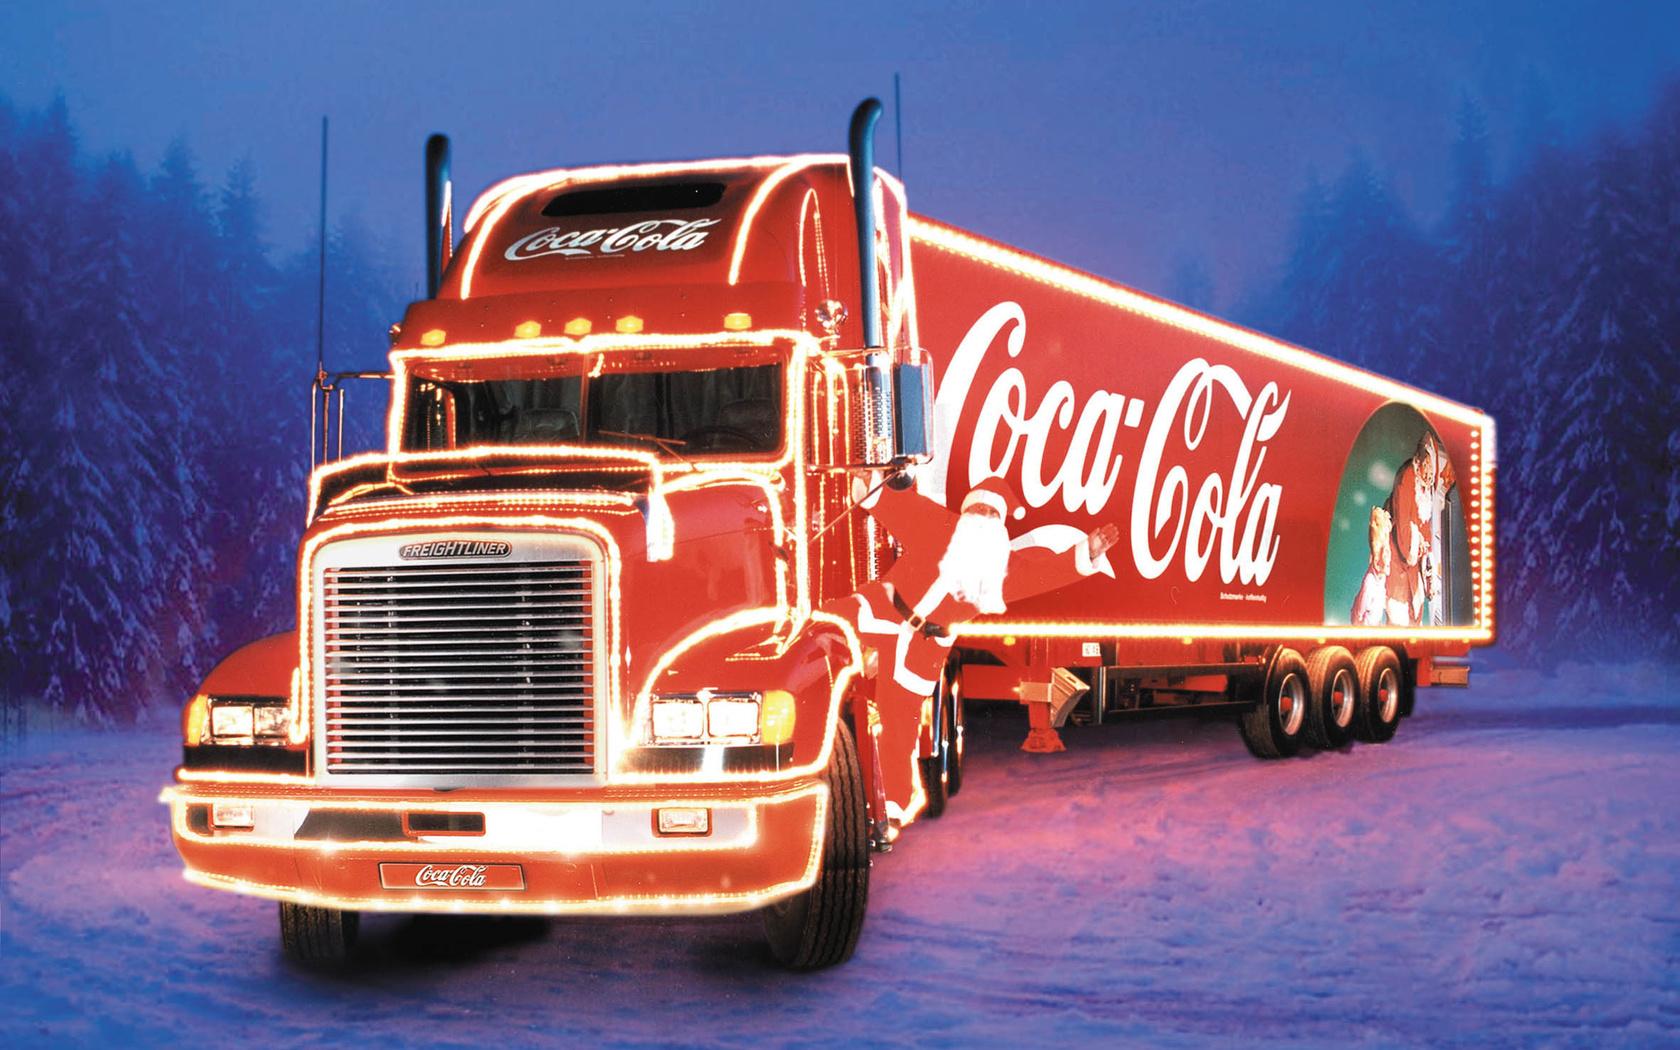 19600 Hintergrundbild herunterladen Marken, Transport, Auto, Winterreifen, Coca-Cola, Trucks - Bildschirmschoner und Bilder kostenlos